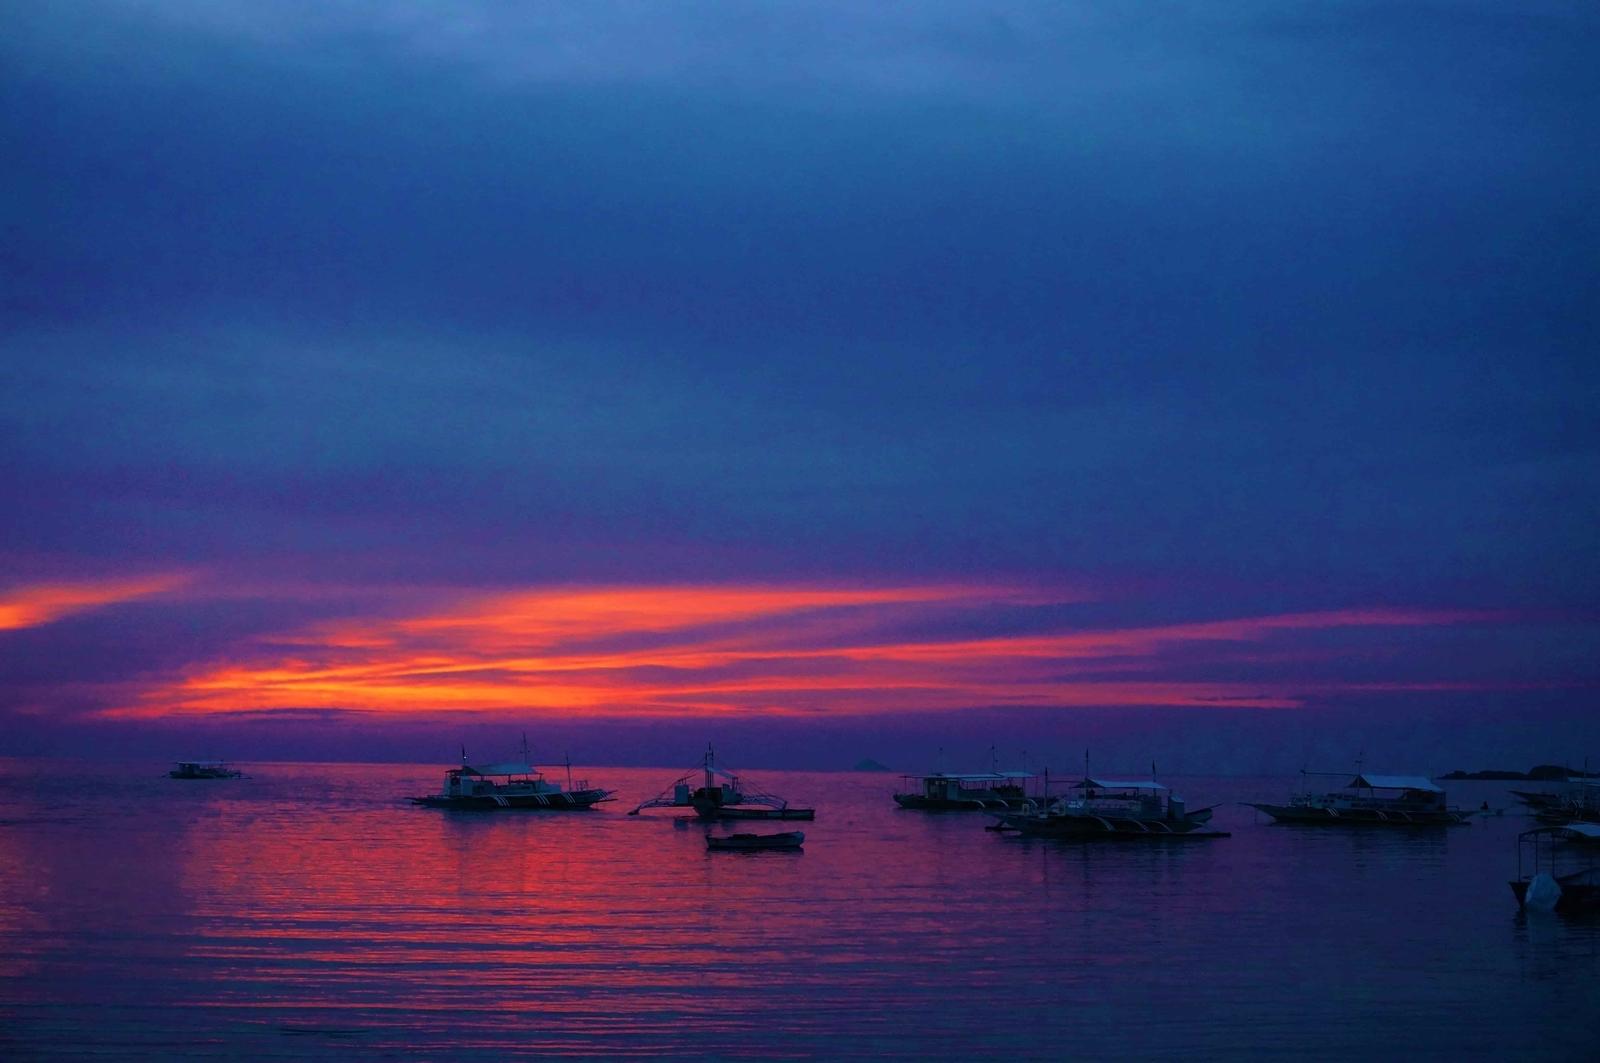 マラパスクア島のサンセット